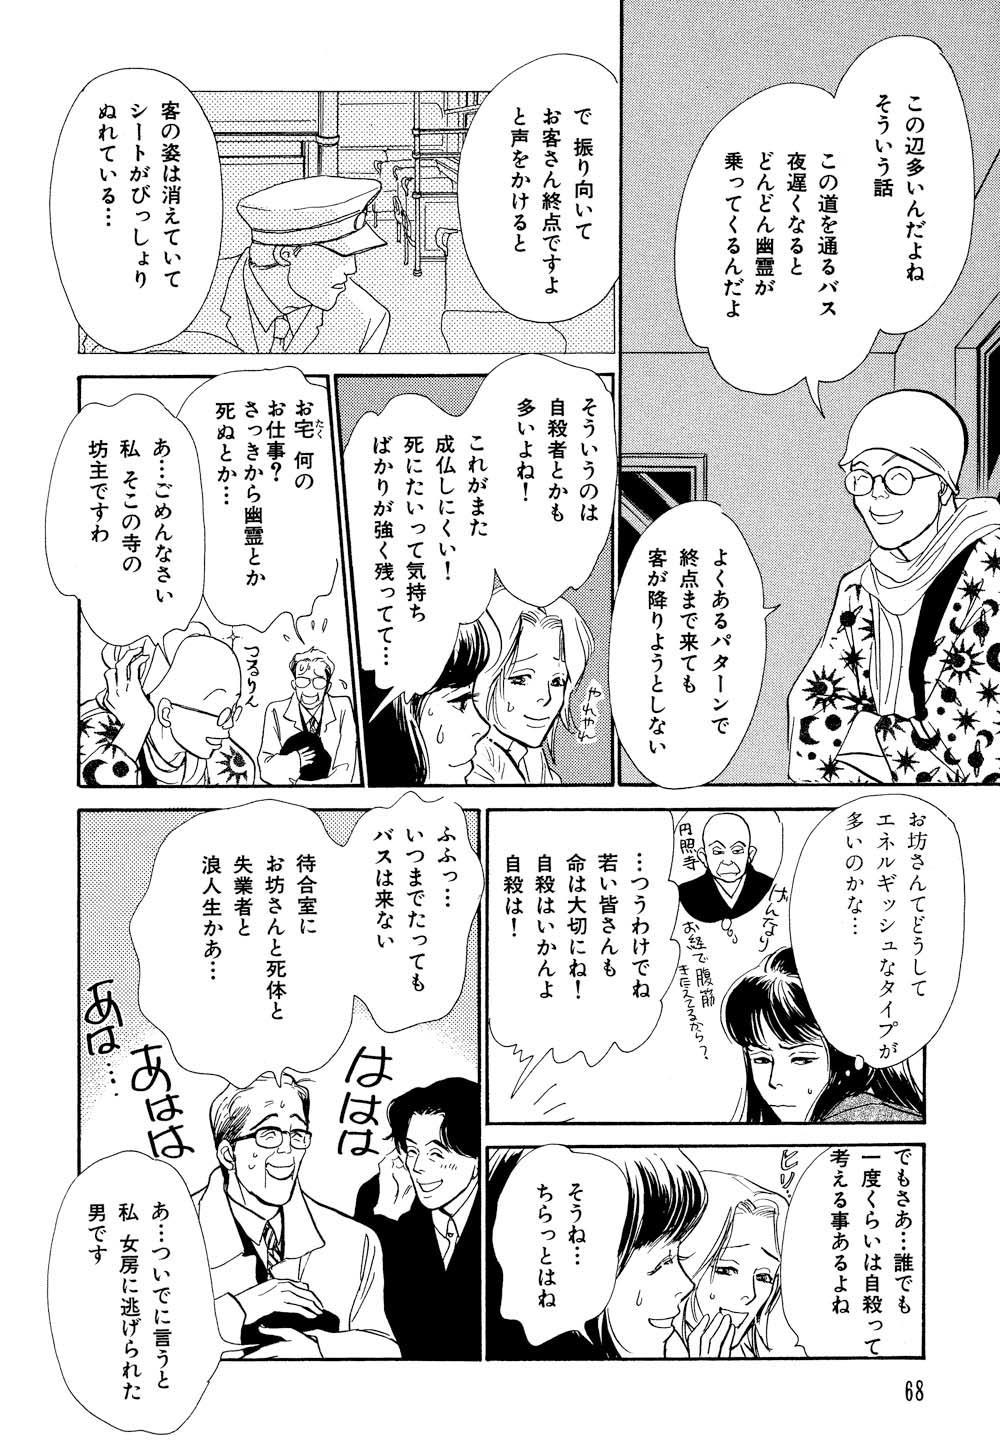 百鬼夜行抄_07_0072.jpg